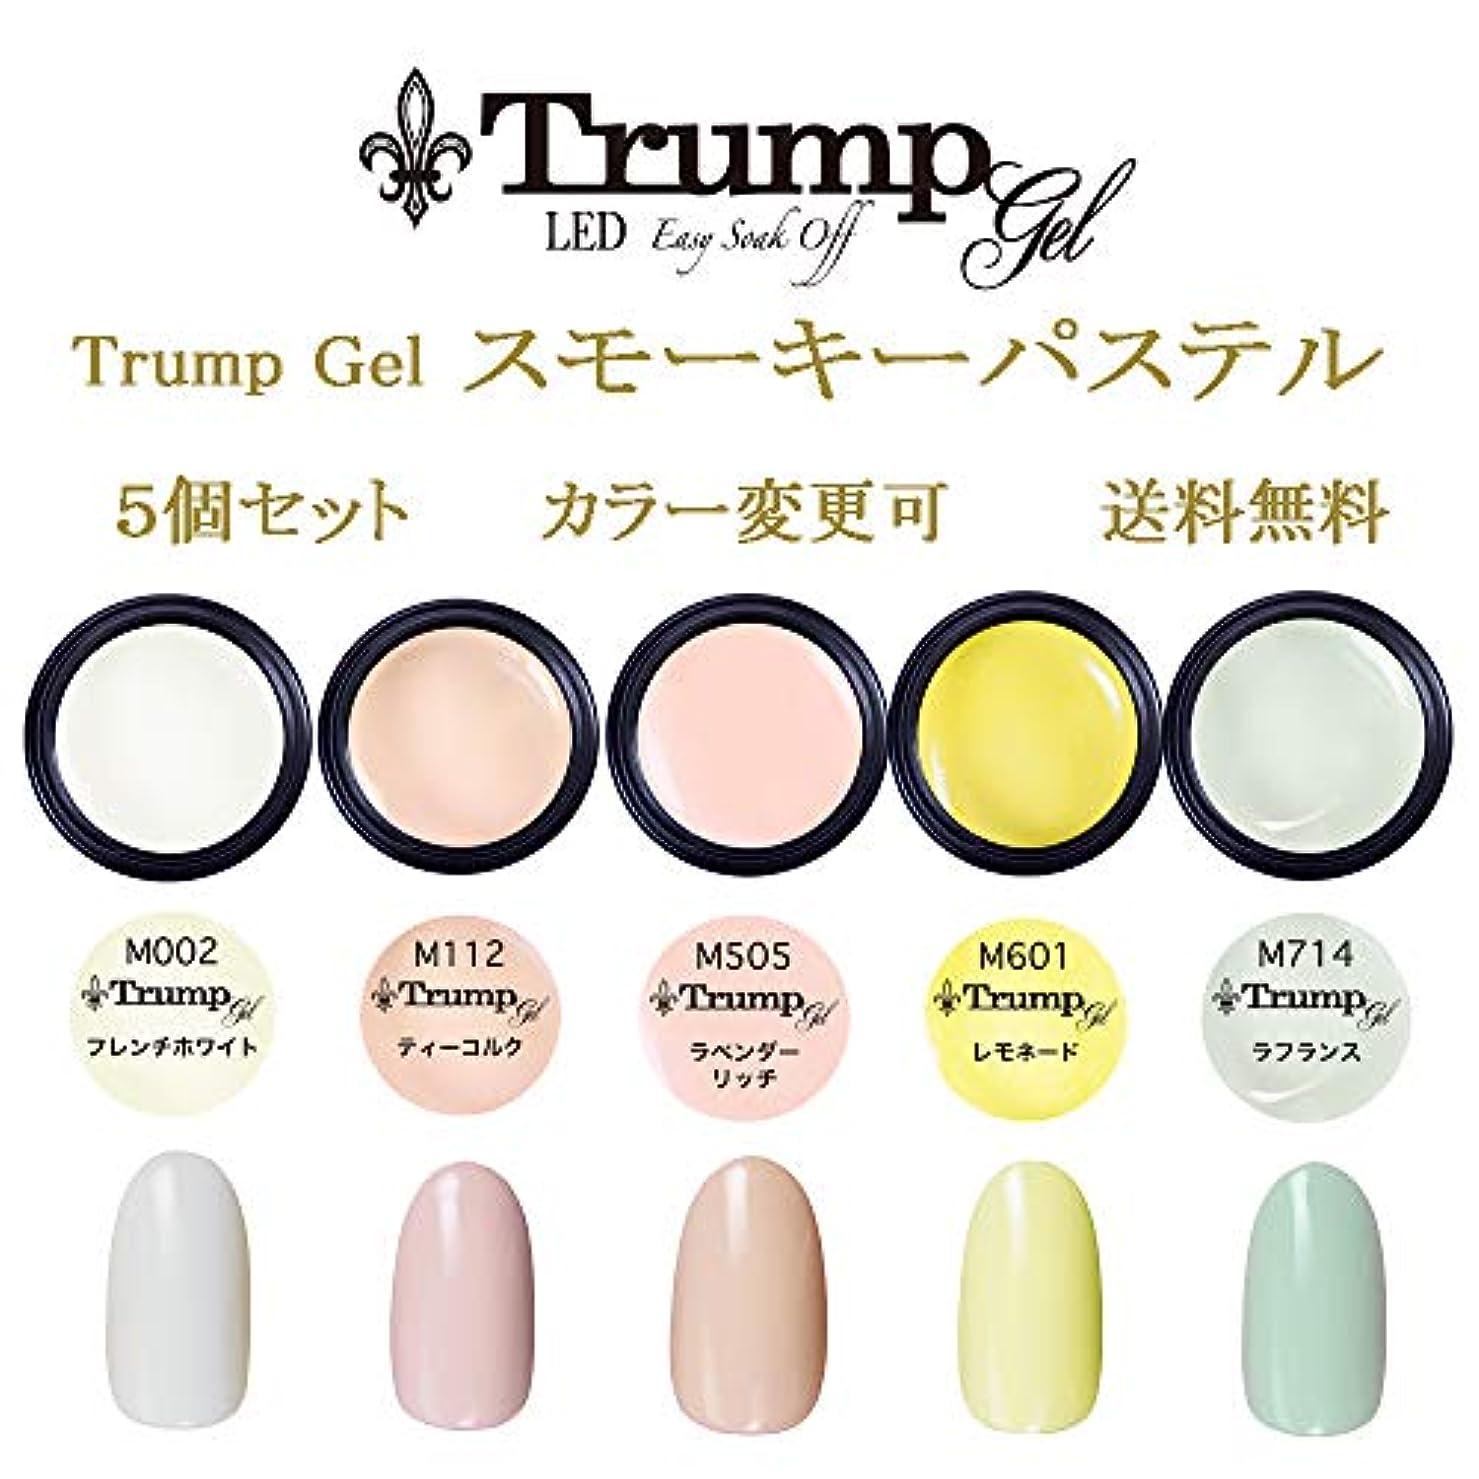 親密な騙す貫通日本製 Trump gel トランプジェル スモーキー パステルカラー 選べる カラージェル5個セット ホワイト ベージュ ピンク イエロー グリーン